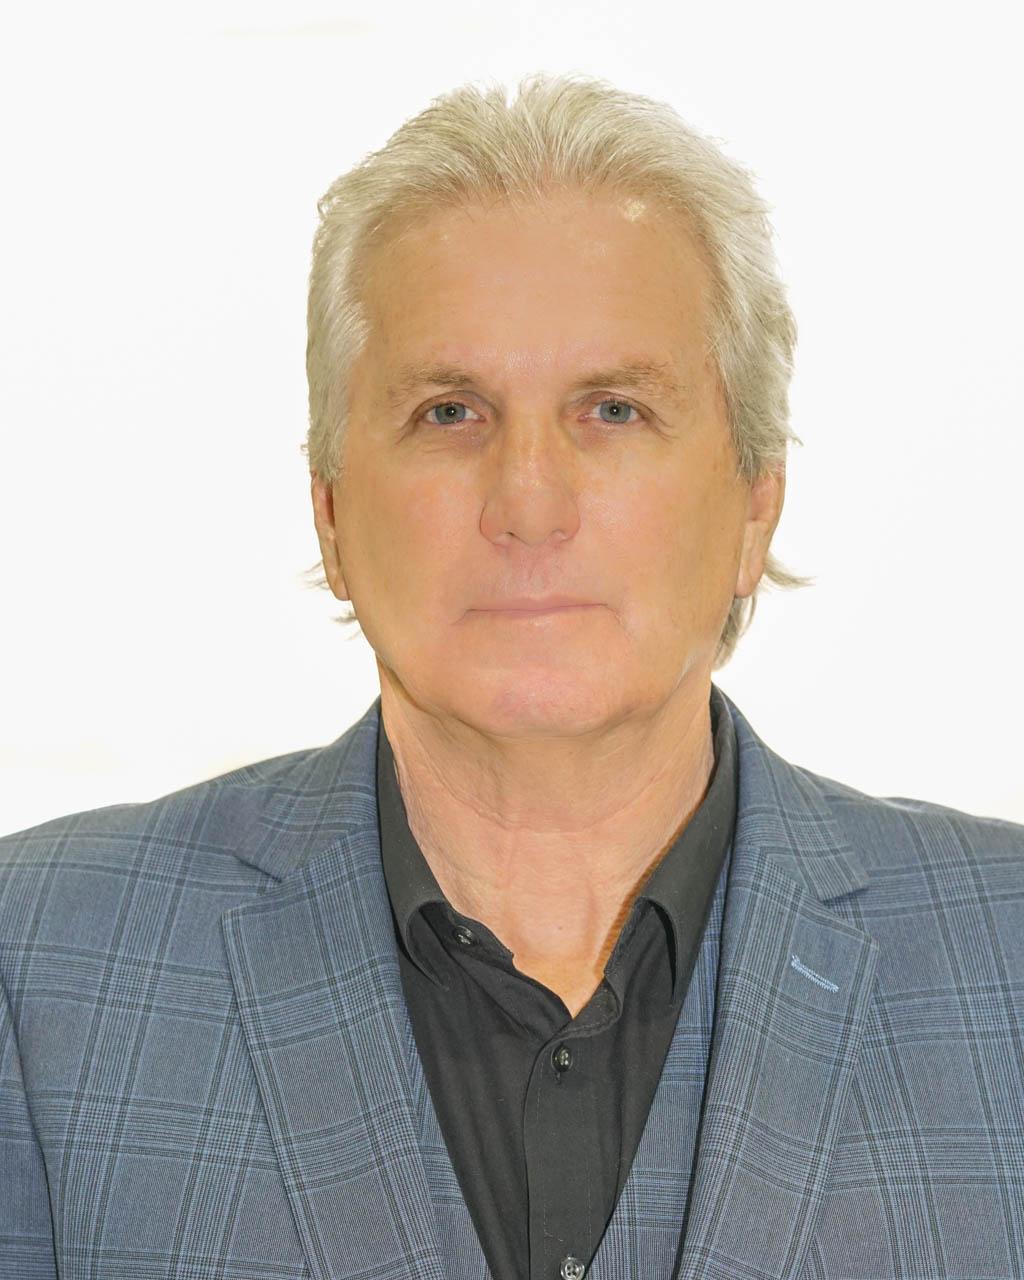 Dennis Watkins